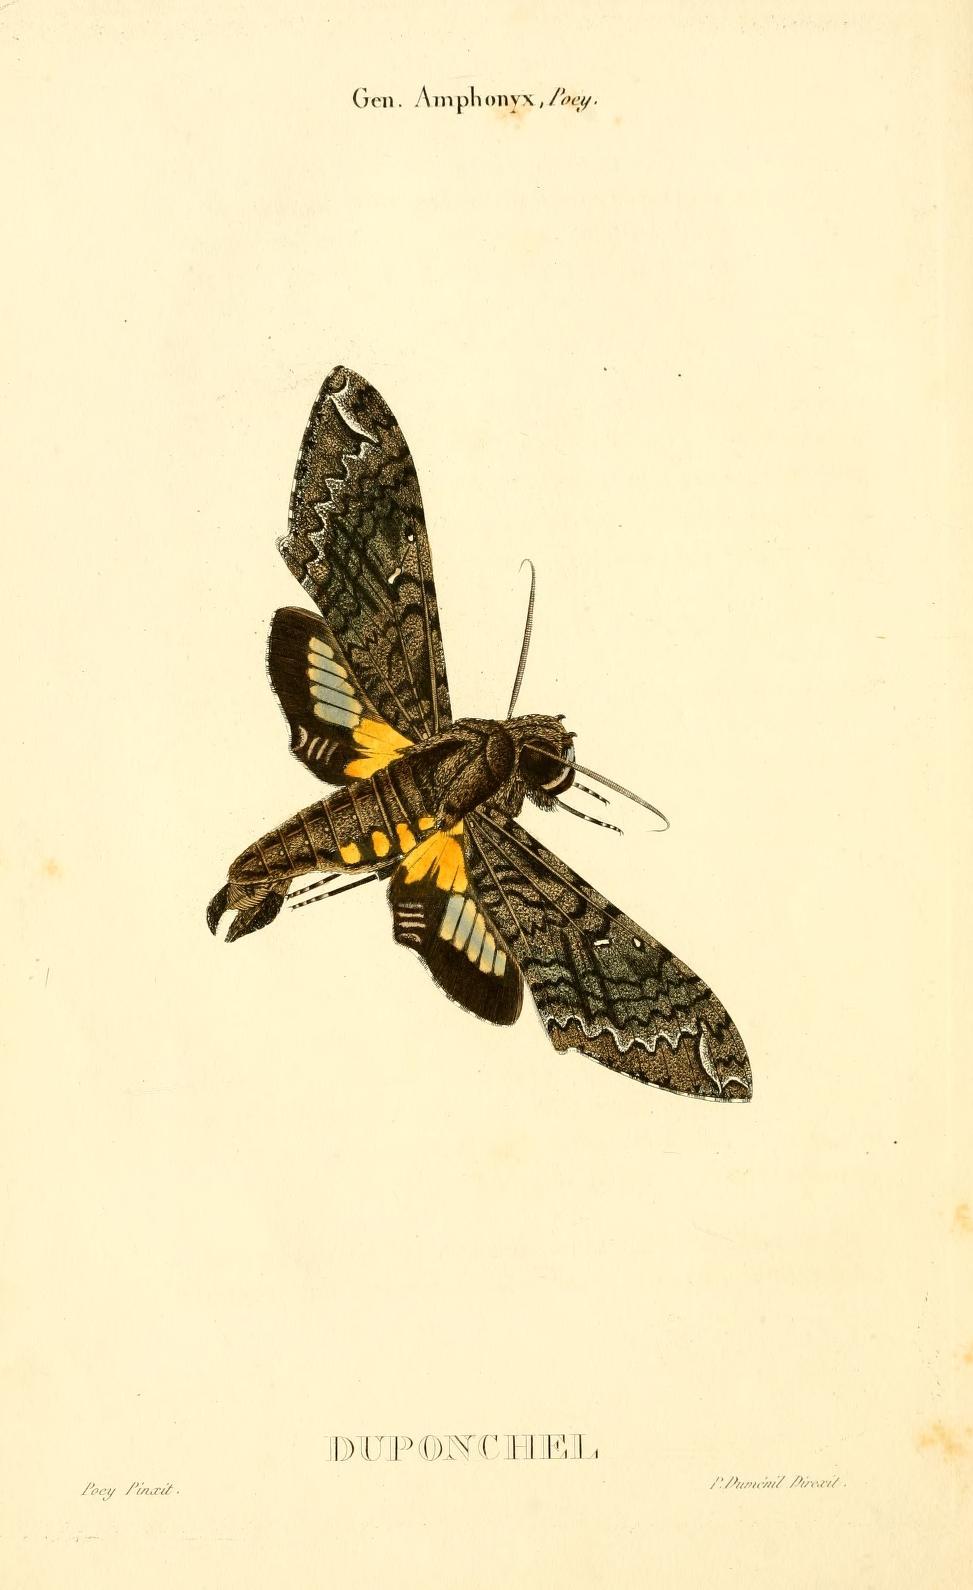 """Duponchel's Sphinx (Amphonyx duponchel) from """"Centurie de lépidoptères de l'île de Cuba"""", written by Felipe Poey"""